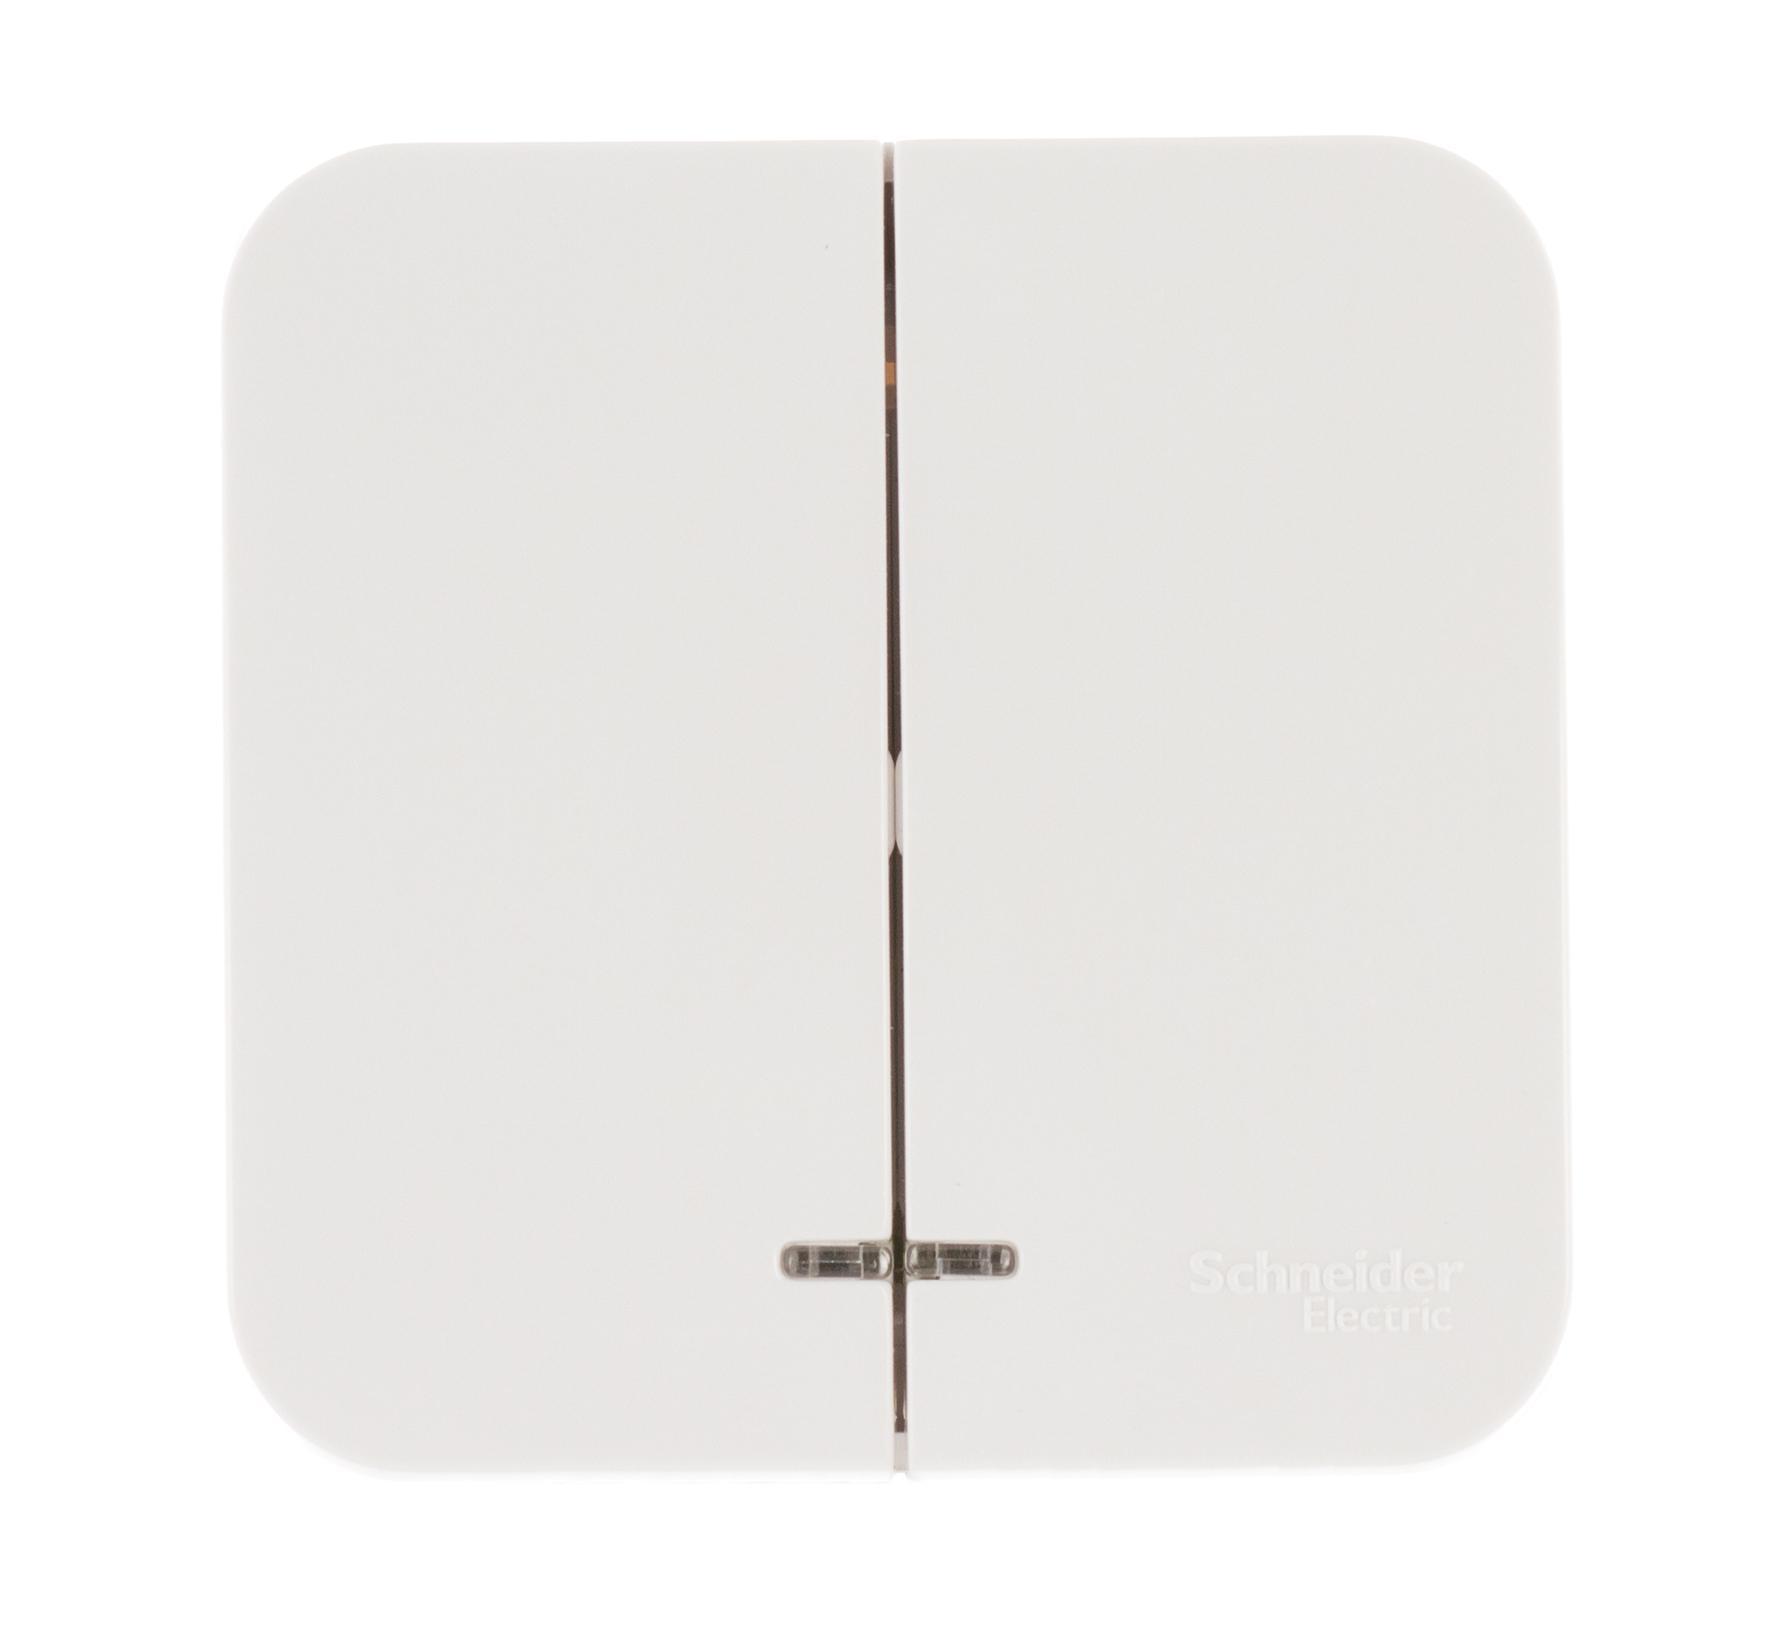 Выключатель Schneider electric Blnva105111 blanca выключатель gsl000497 schneider electric